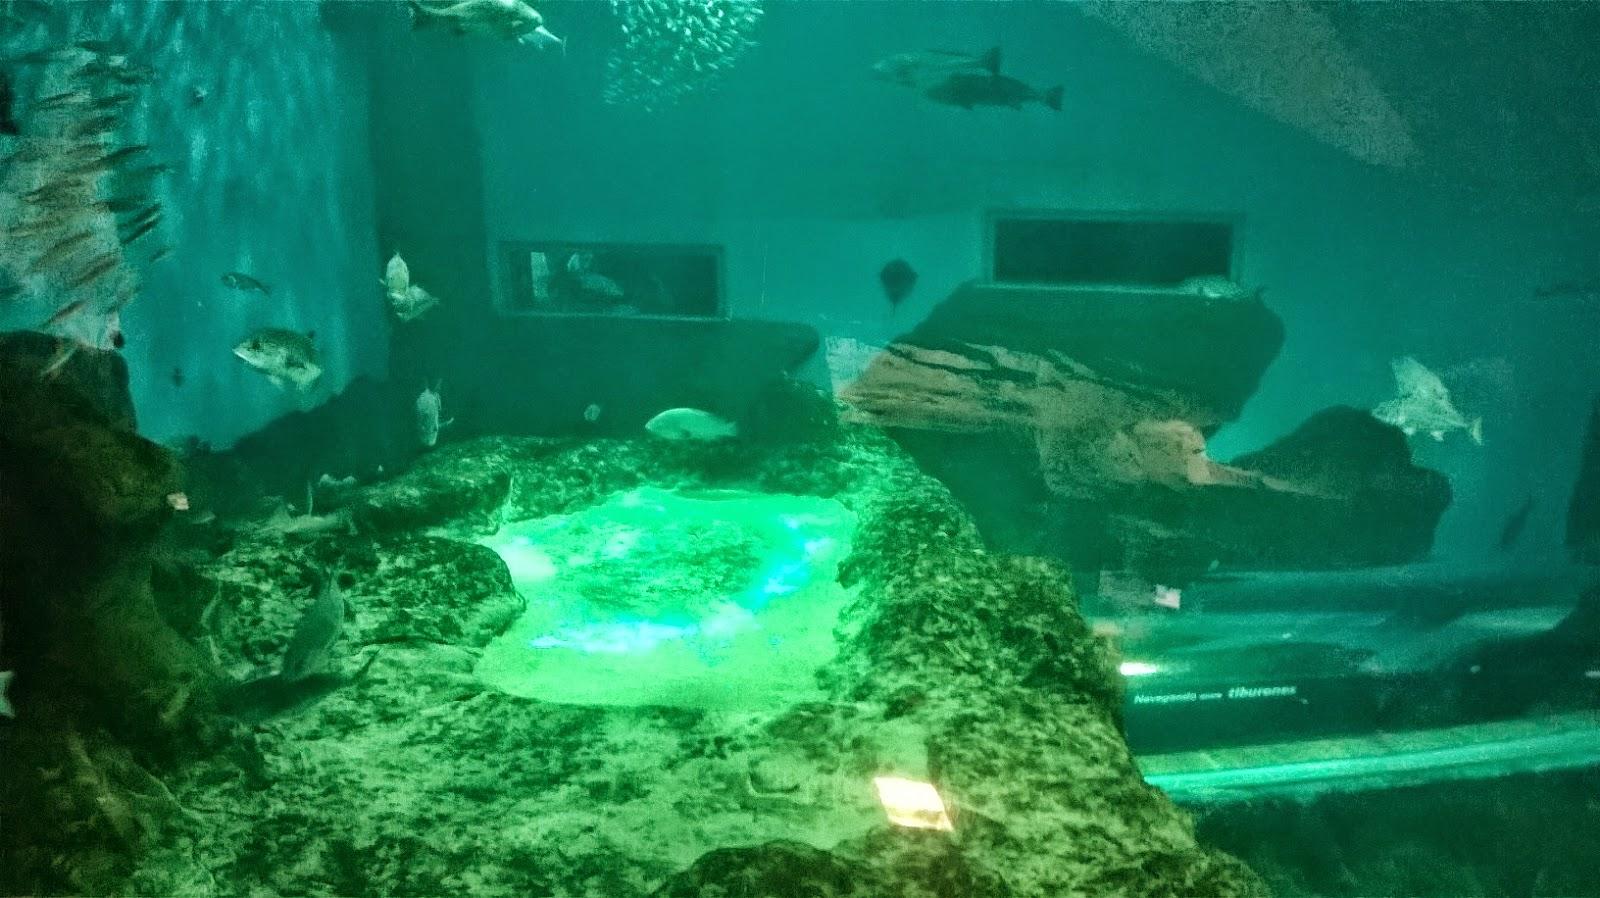 Acuario de sevilla - Entradas acuario sevilla ...